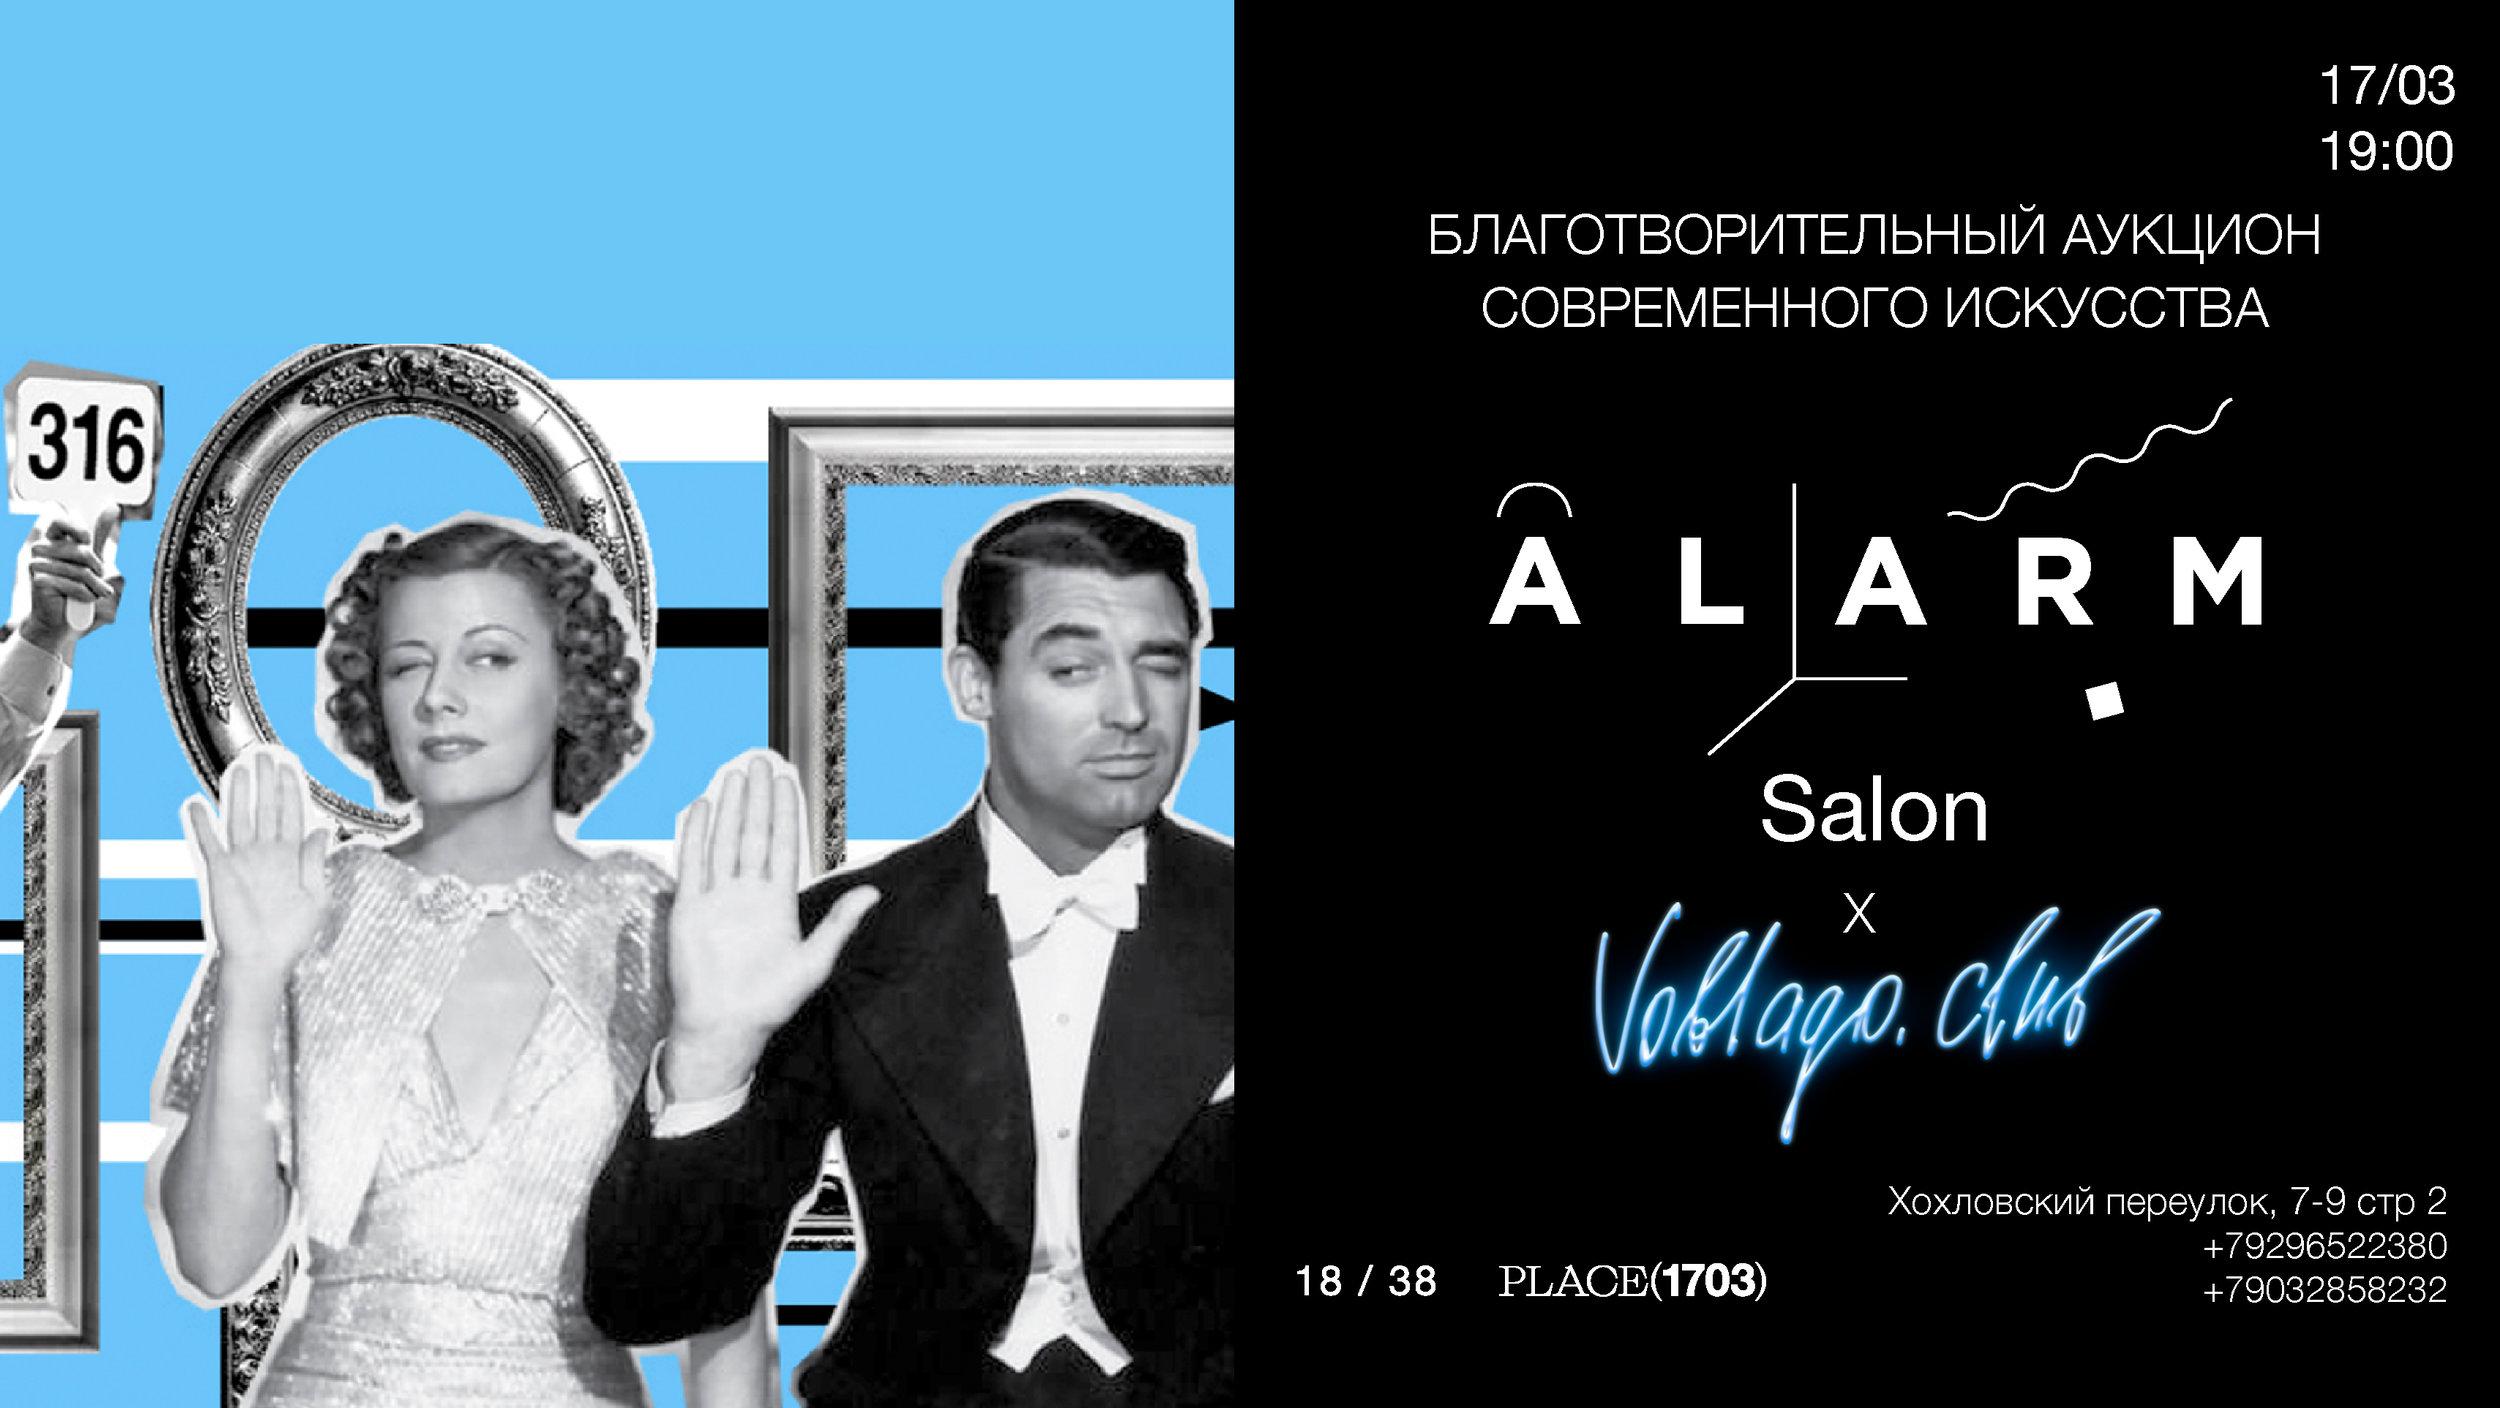 ALARM SALON приглашение.jpg